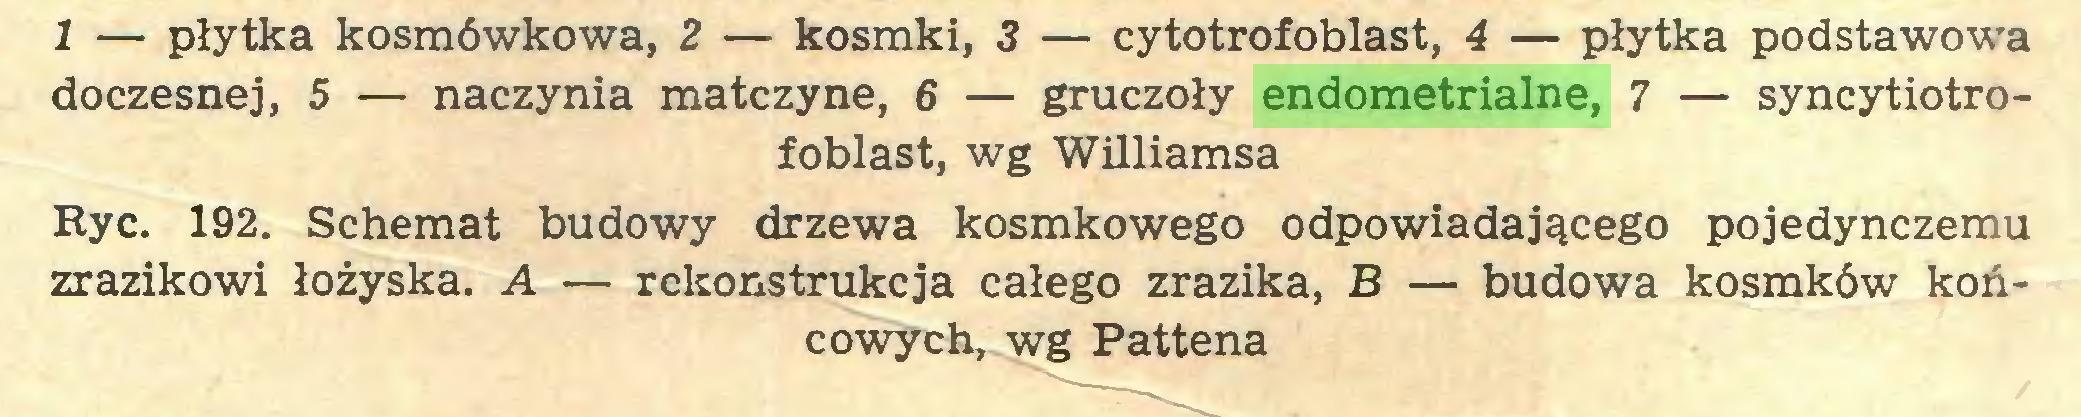 (...) 1 — płytka kosmówkowa, 2 — kosmki, 3 — cytotrofoblast, 4 — płytka podstawowa doczesnej, 5 — naczynia matczyne, 6 — gruczoły endometrialne, 7 — syncytiotrofoblast, wg Williamsa Ryc. 192. Schemat budowy drzewa kosmkowego odpowiadającego pojedynczemu zrazikowi łożyska. A — rekonstrukcja całego zrazika, B — budowa kosmków końcowych^ wg Pattena...